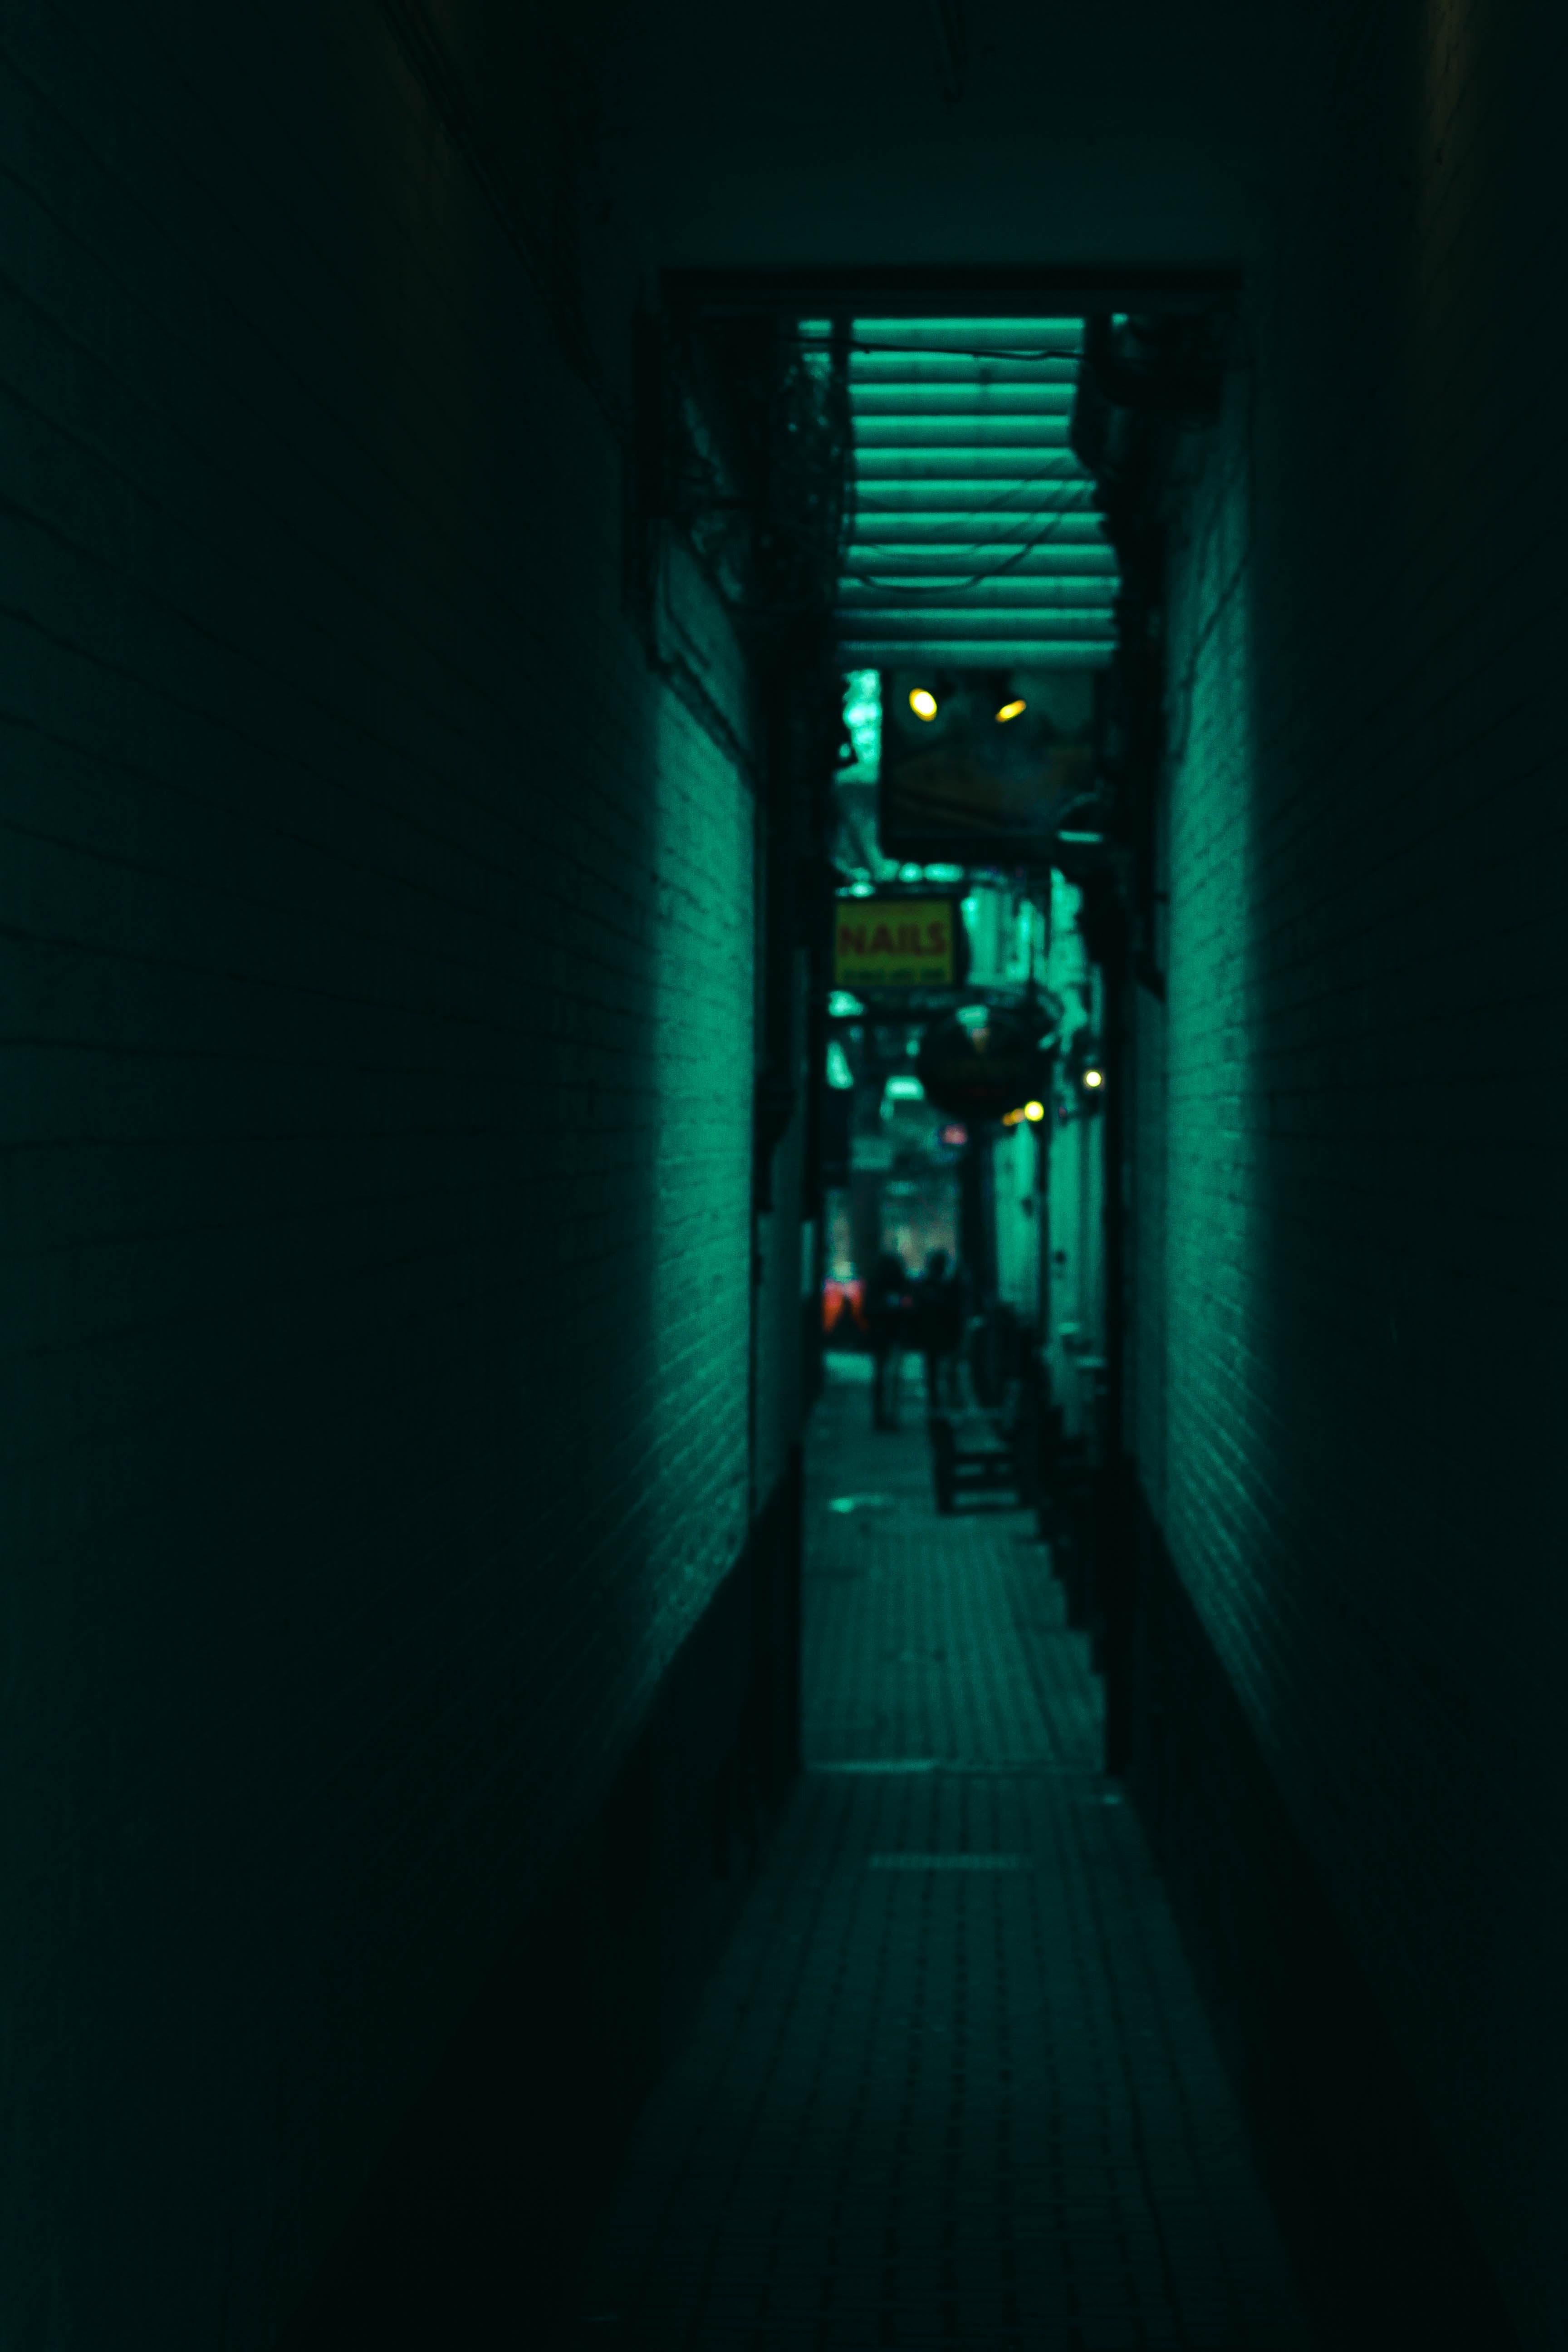 pathway between concrete buildings